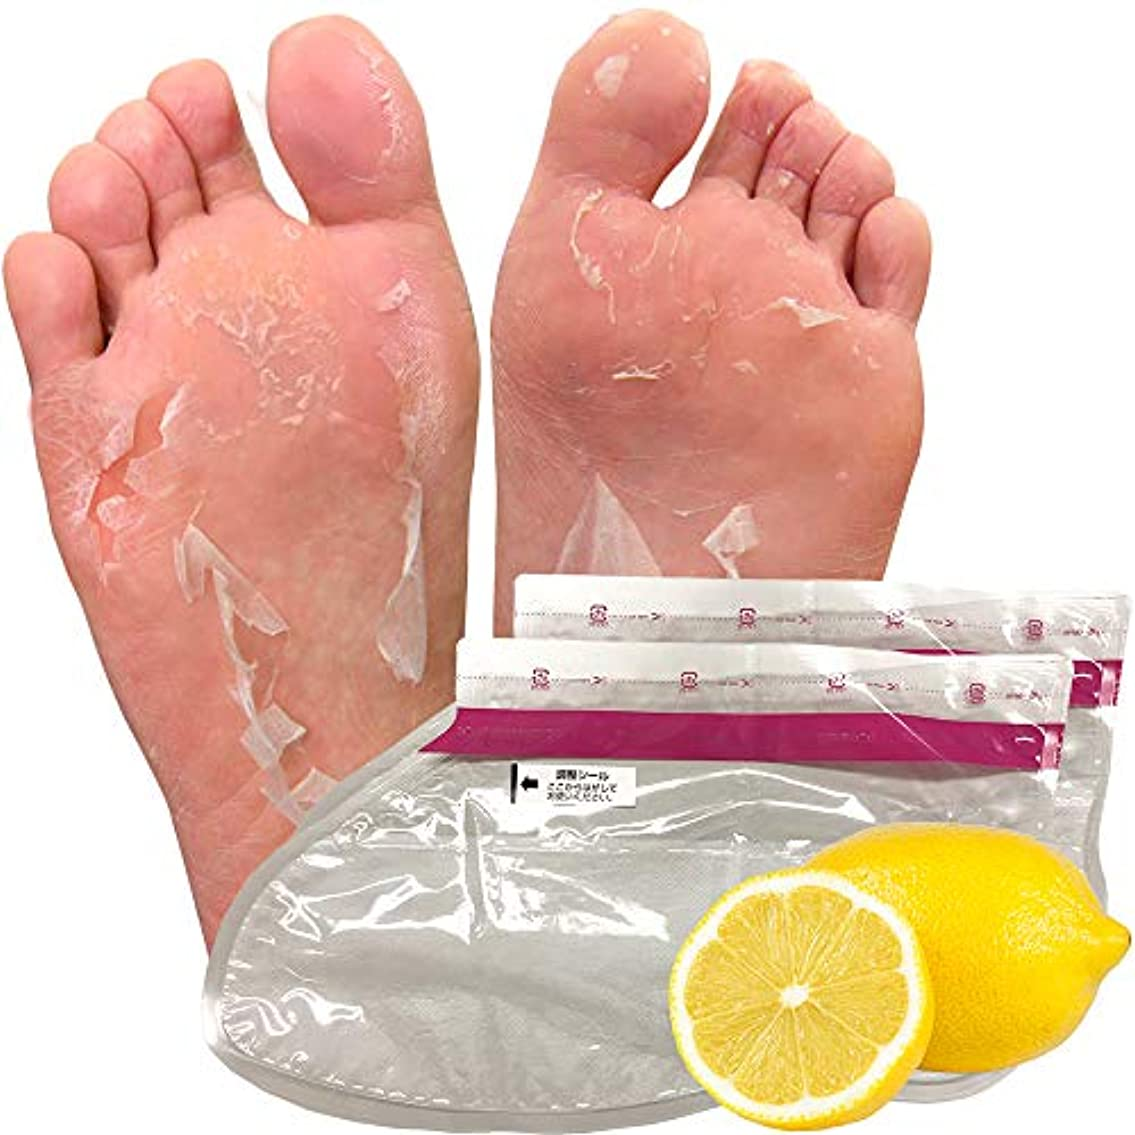 対角線警察署剥ぎ取る【3回分】レモン フットピーリングパック ペロリン 去角质足 足膜 足の裏 足ぱっく